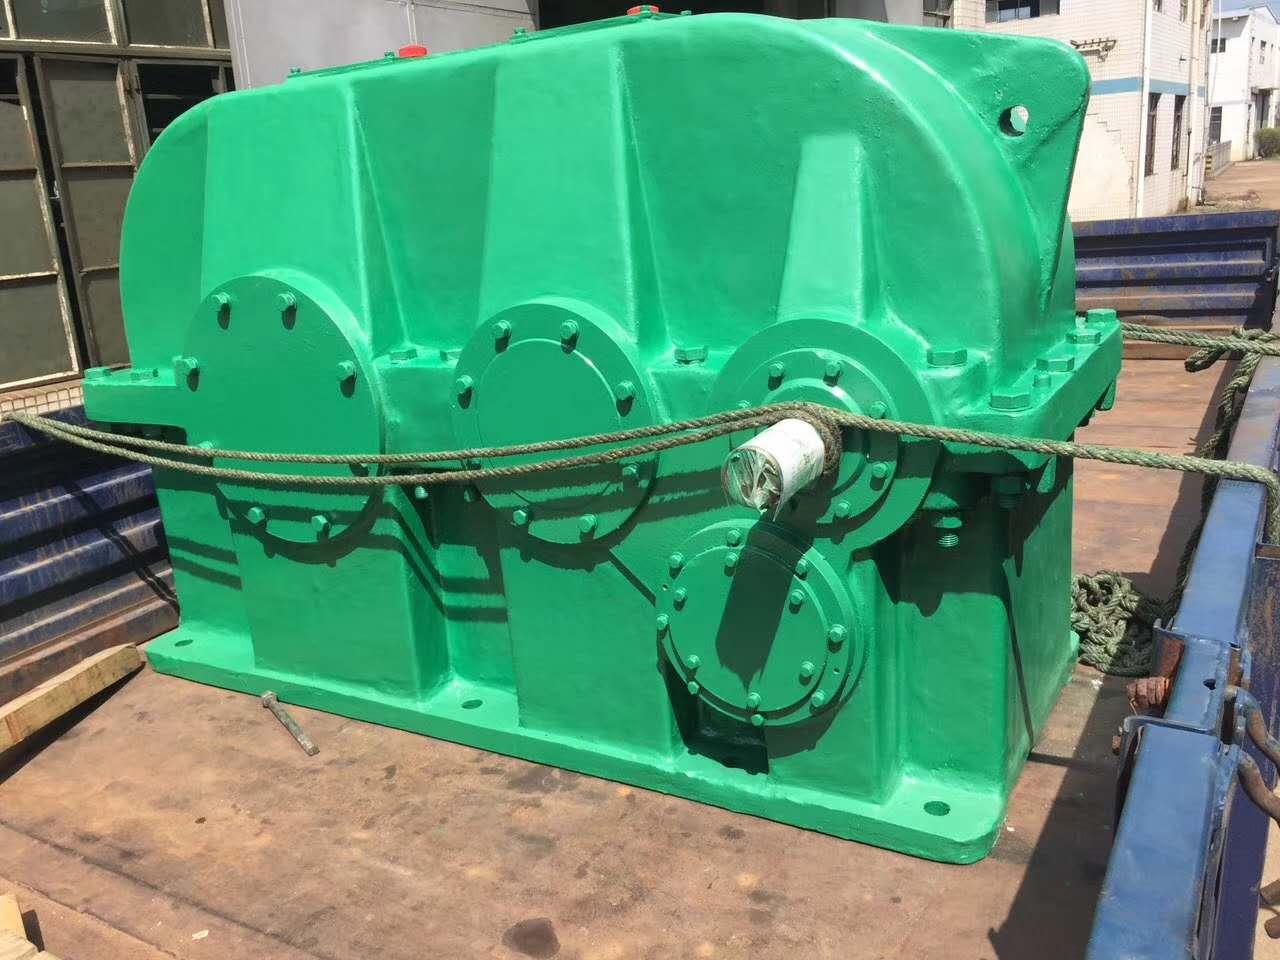 台州DCY圆锥圆柱齿轮减速器订购电话,台州MBY磨机减速机哪里有